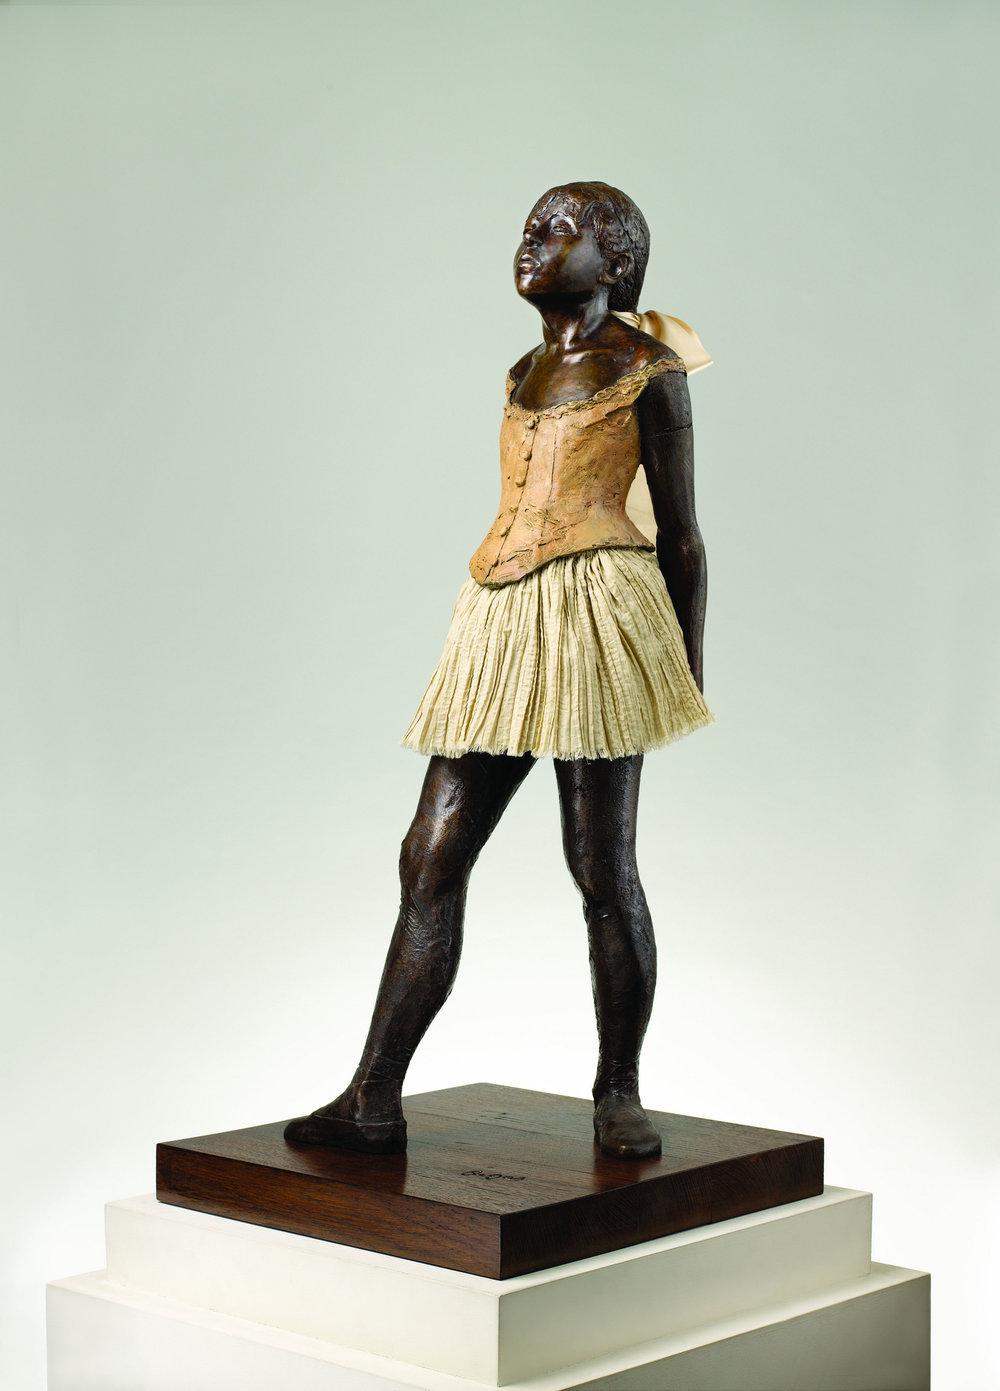 La petite danseuse de 14 ans,1881 by Edgar Degas